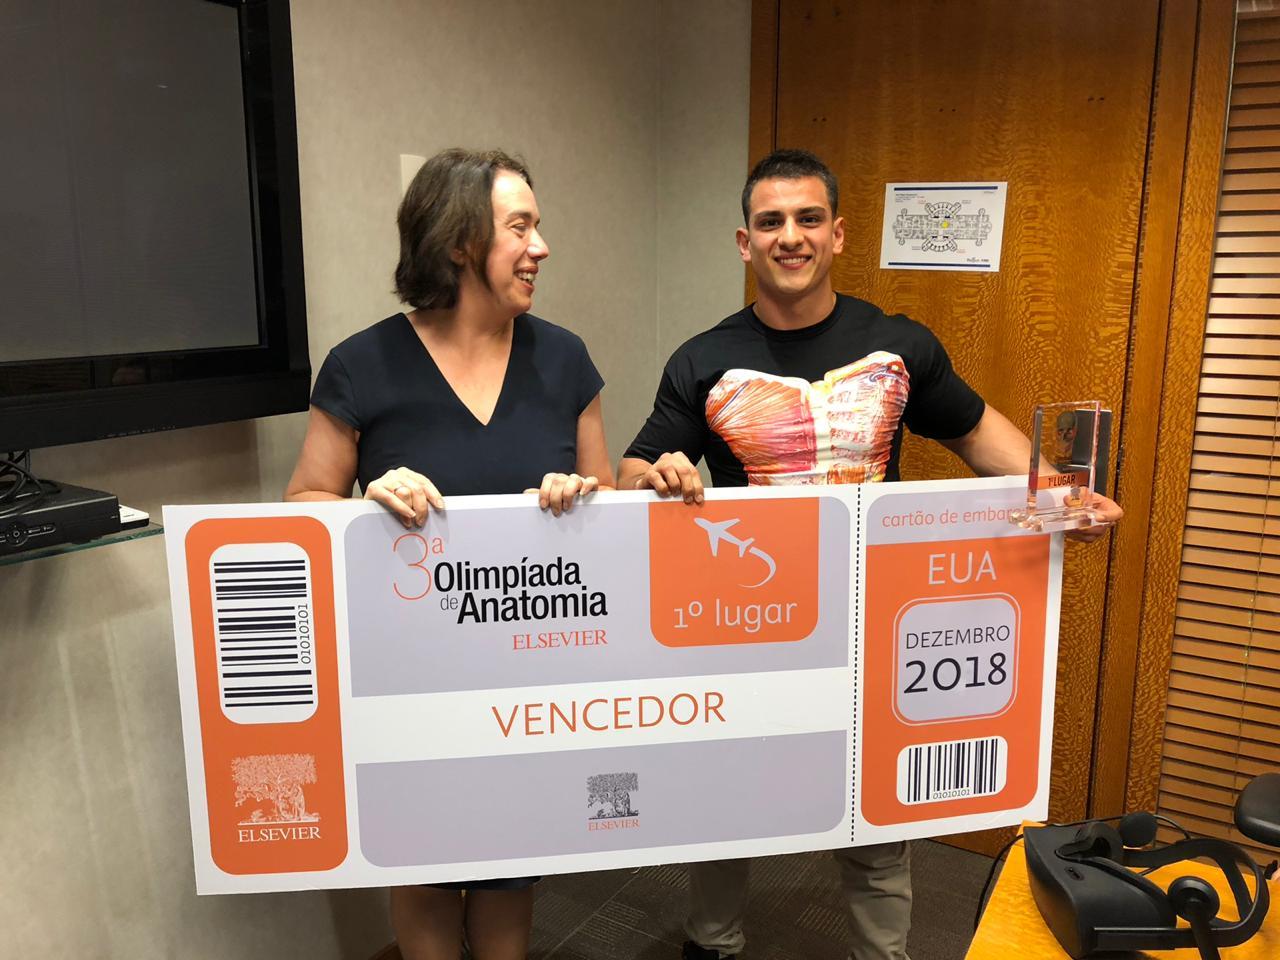 Campeão da 3ª Olimpíada Brasileira de Anatomia Elsevier